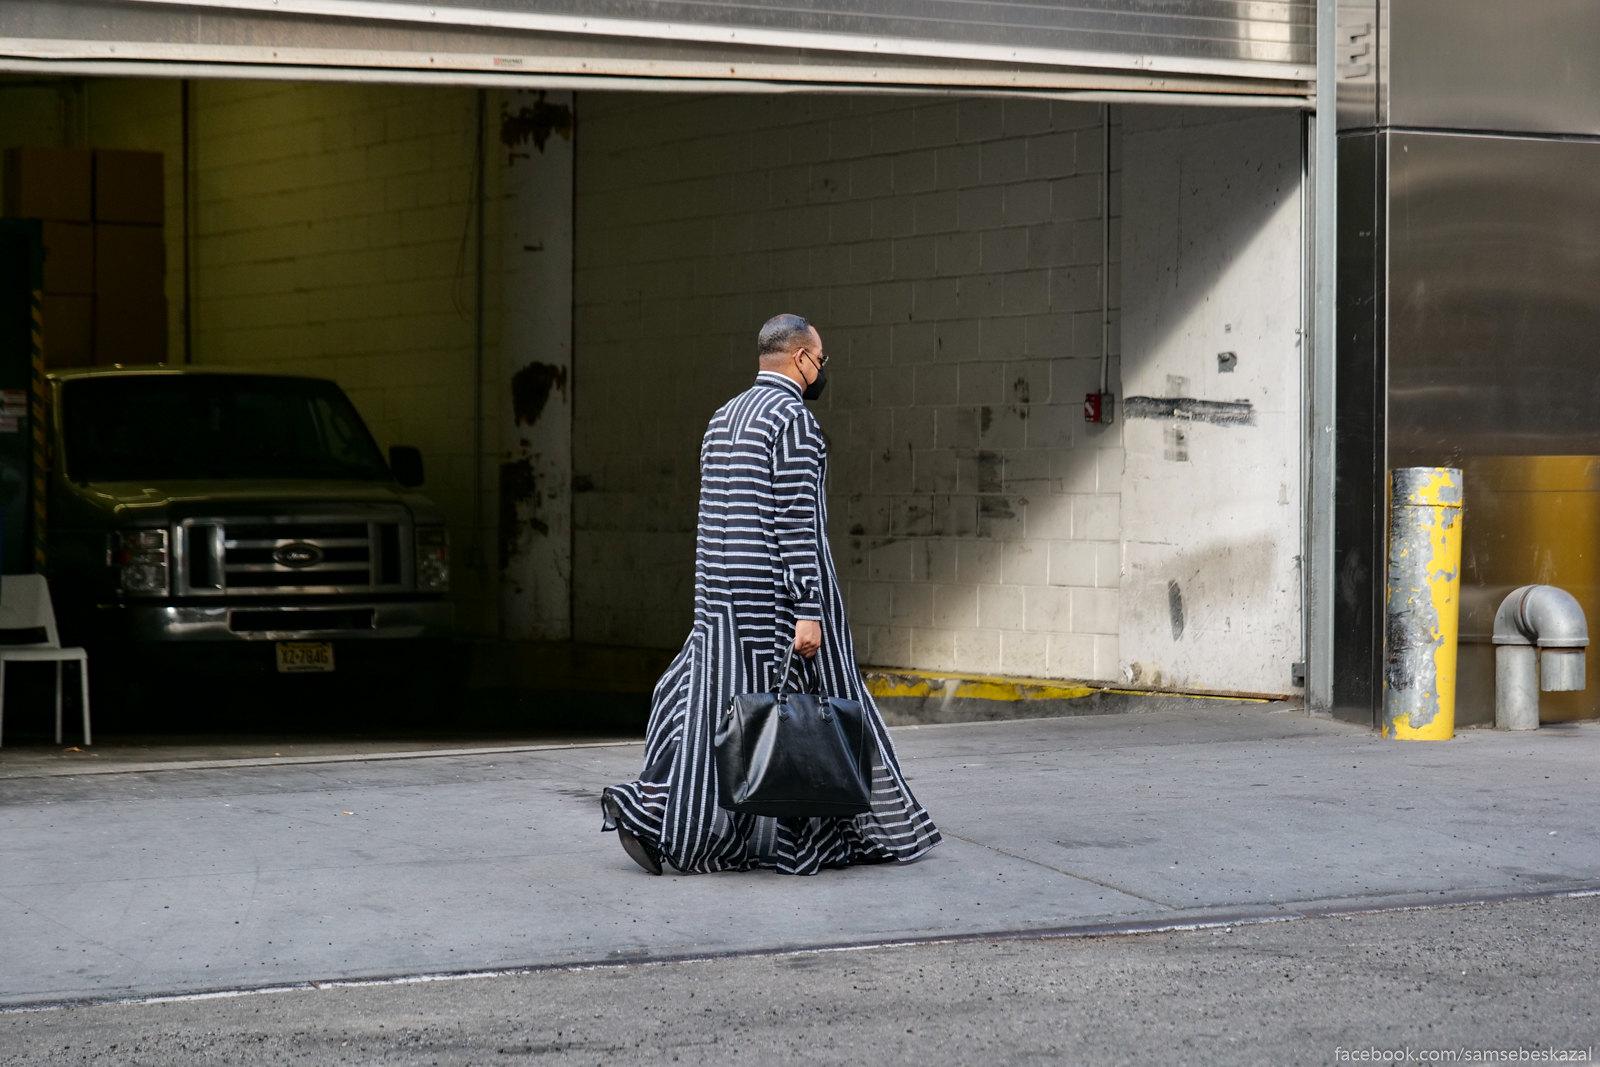 عکس مردی که در خیابان راه می رود